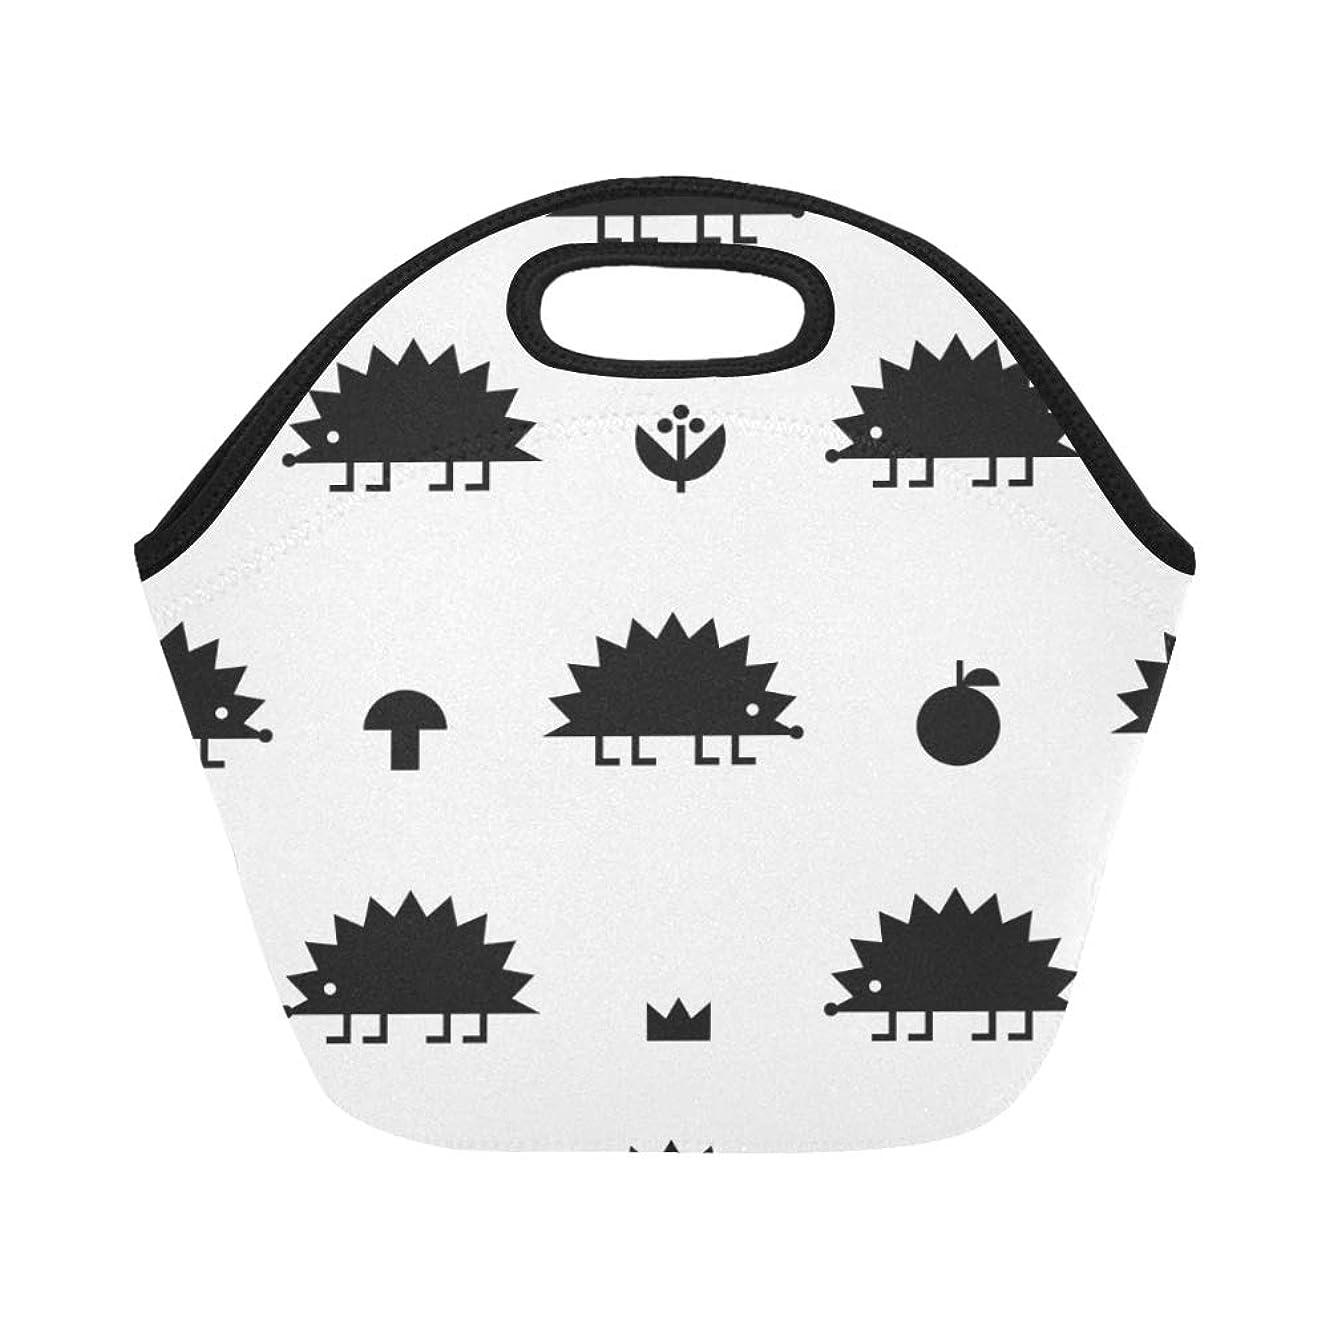 リボンロッカー一見XHQZJ ランチバッグ 小柄 ハリネズミ 弁当袋 お弁当入れ 保温保冷 トート 弁当バッグ 大容量 トートバッグ